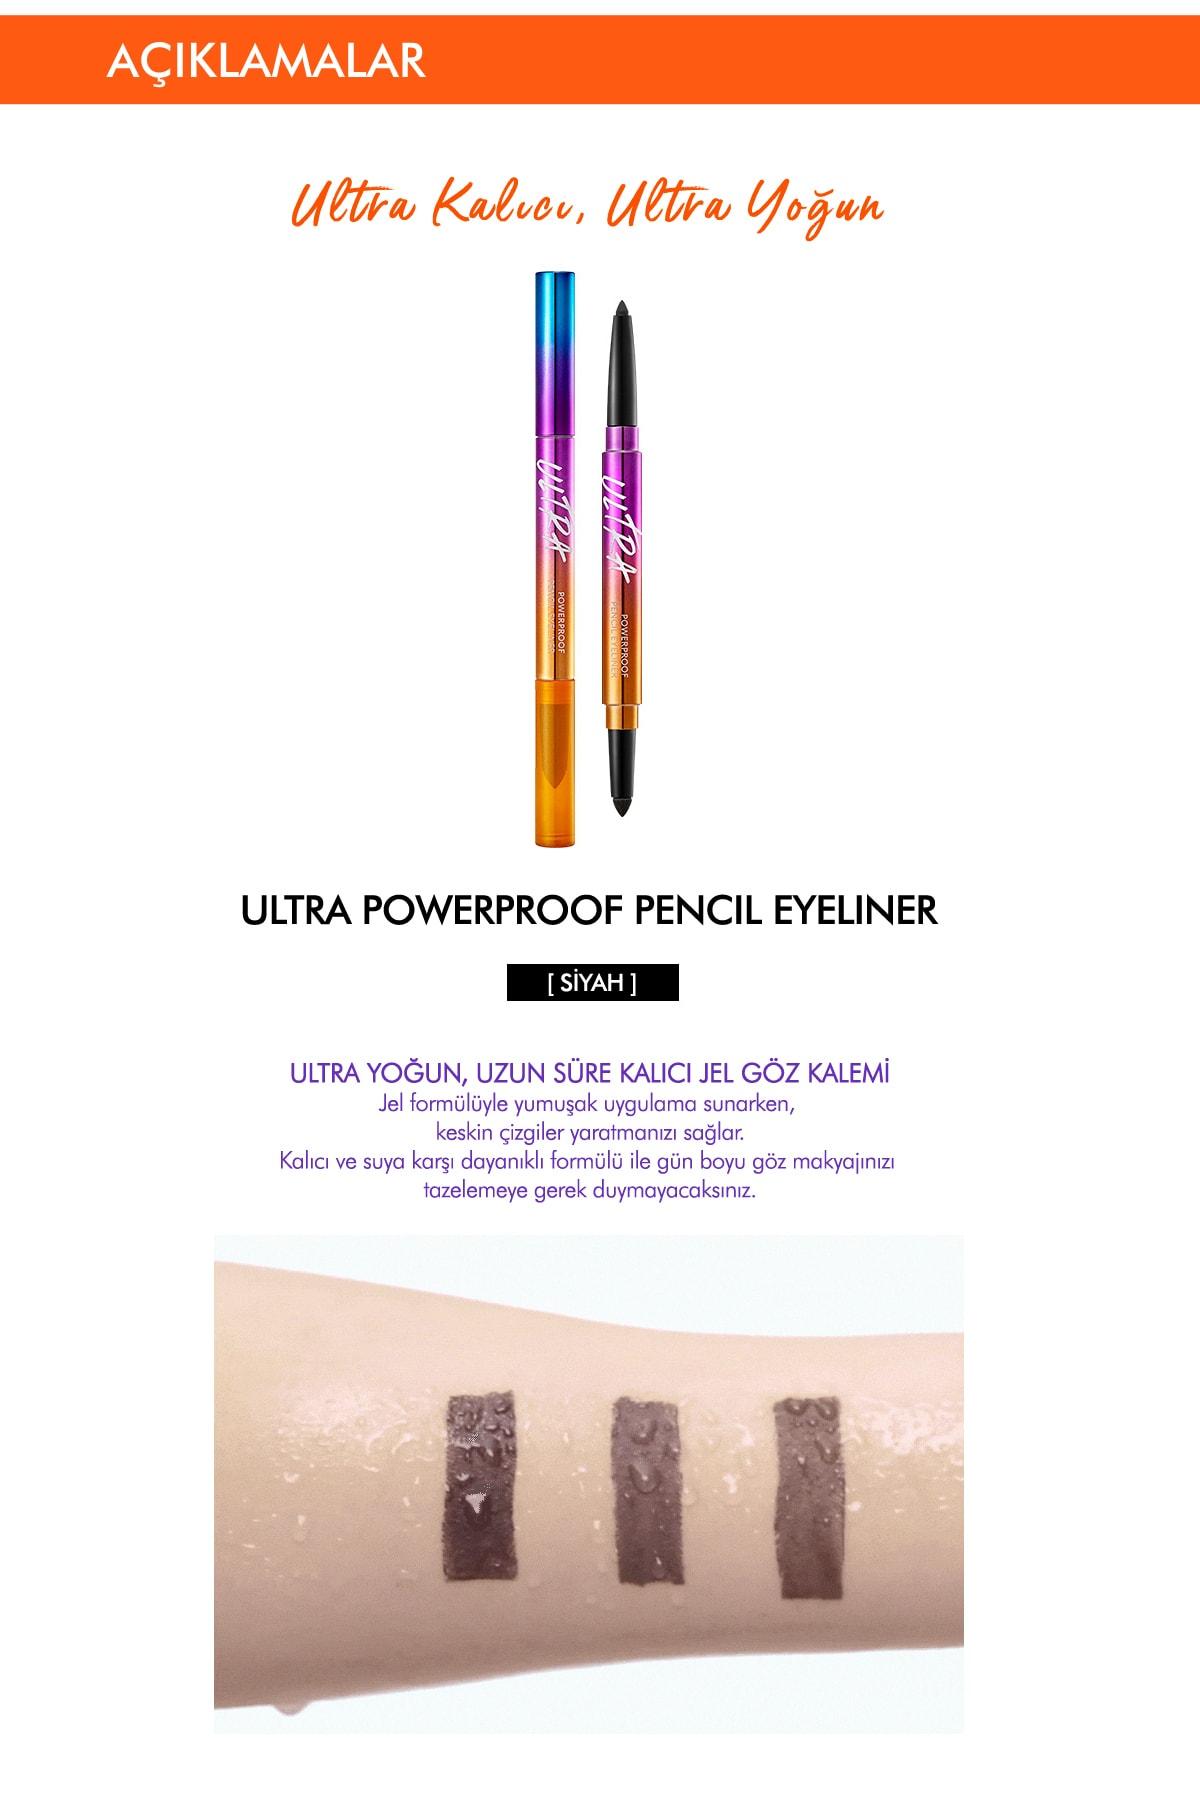 Missha Suya Dayanıklı Kalıcı Jel Göz Kalemi Ultra Powerproof Pencil Eyeliner [Black] 1